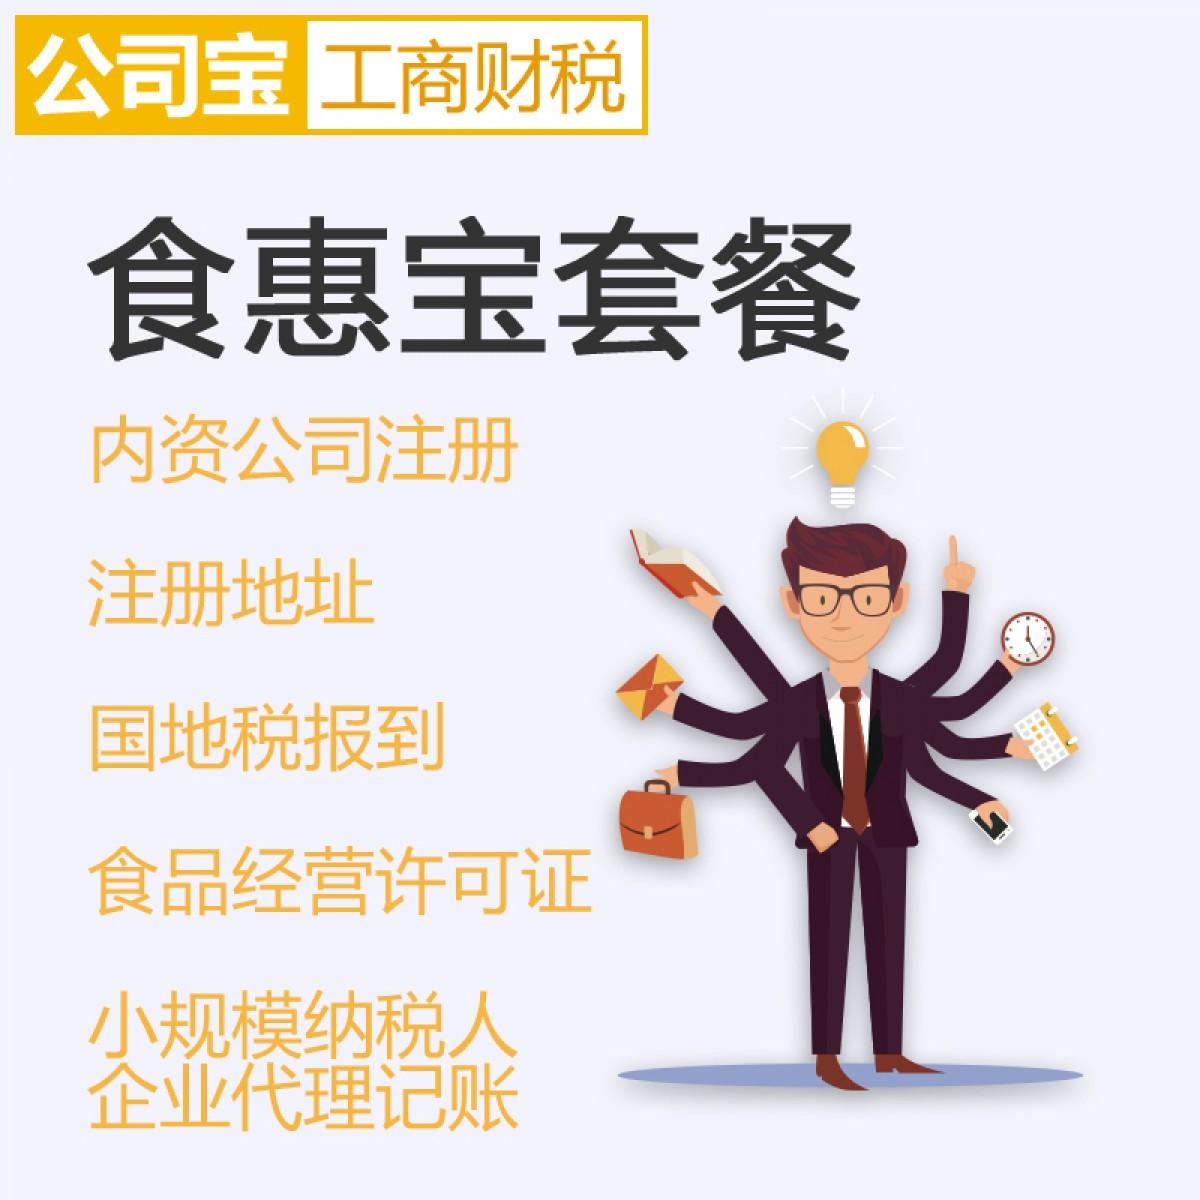 北京食惠宝套餐  内资公司注册+注册地址+国地税报到+小规模纳税人企业代理记账+食品经营许可证